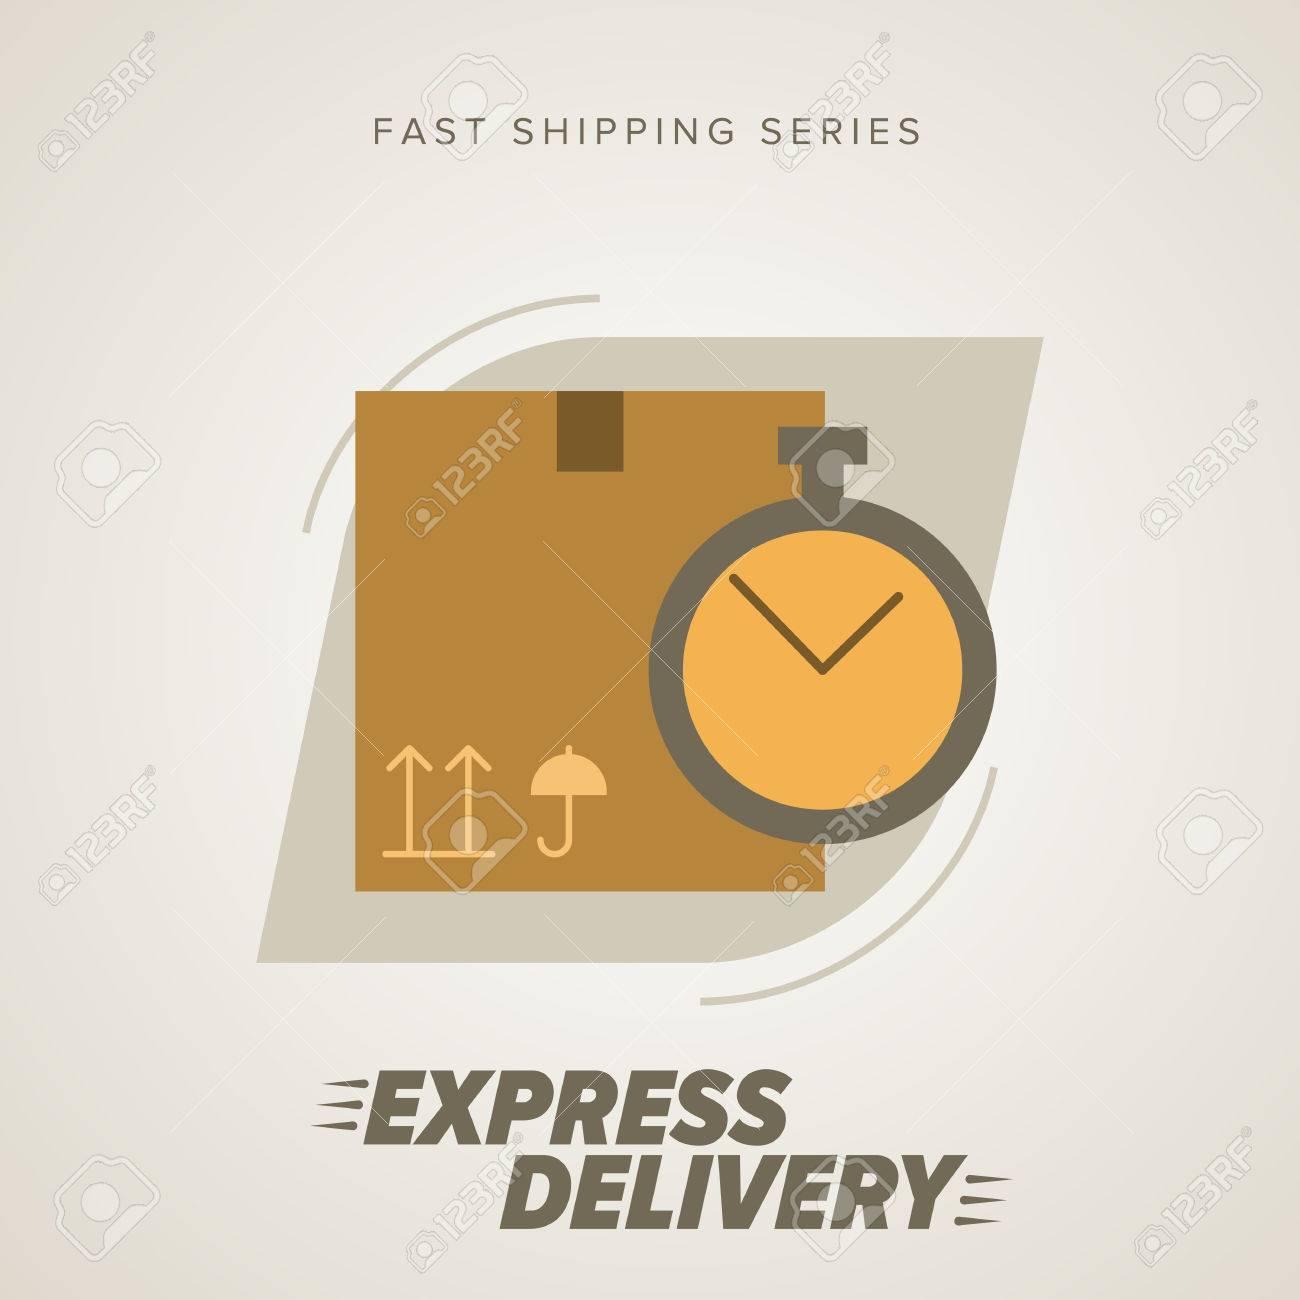 661199a5fde30c Services de livraison express. Éléments de camionnage. Expédition rapide.  vecteur de livraison de l'icône. Exprimez-livraison des marchandises. ...